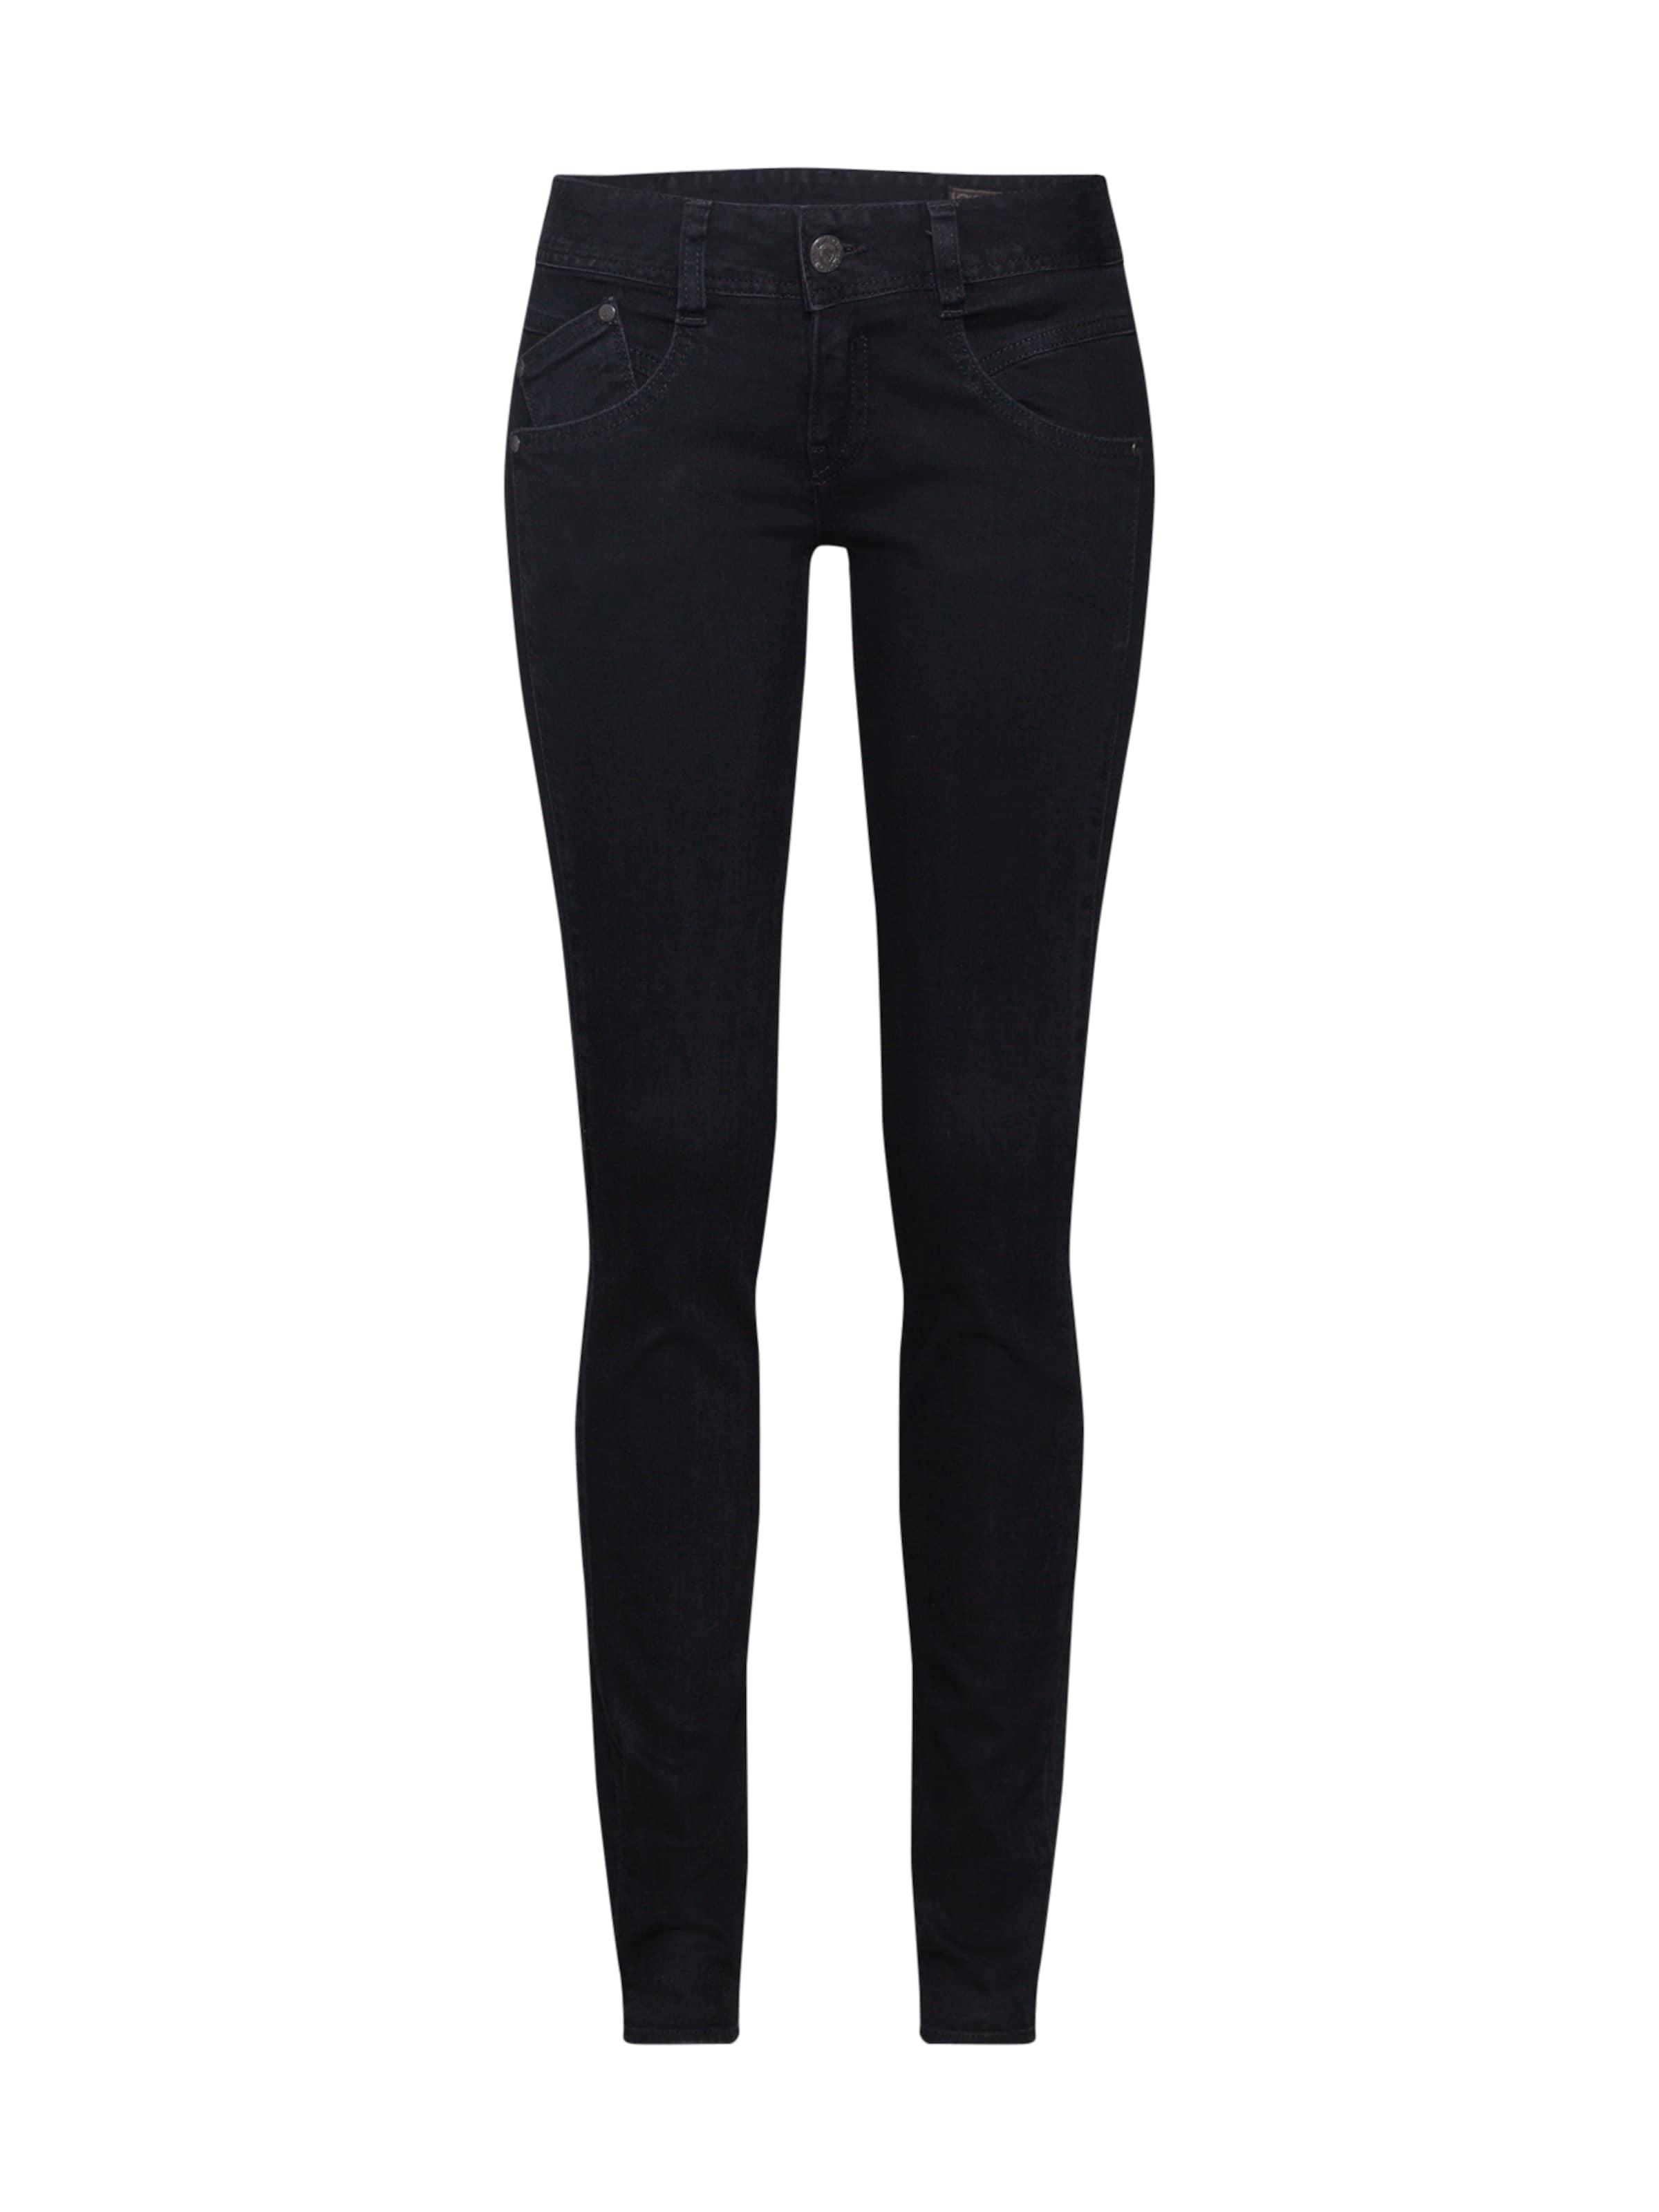 Herrlicher Jeans Jeans Schwarz 'gila' In Herrlicher In 'gila' 54qRL3jA